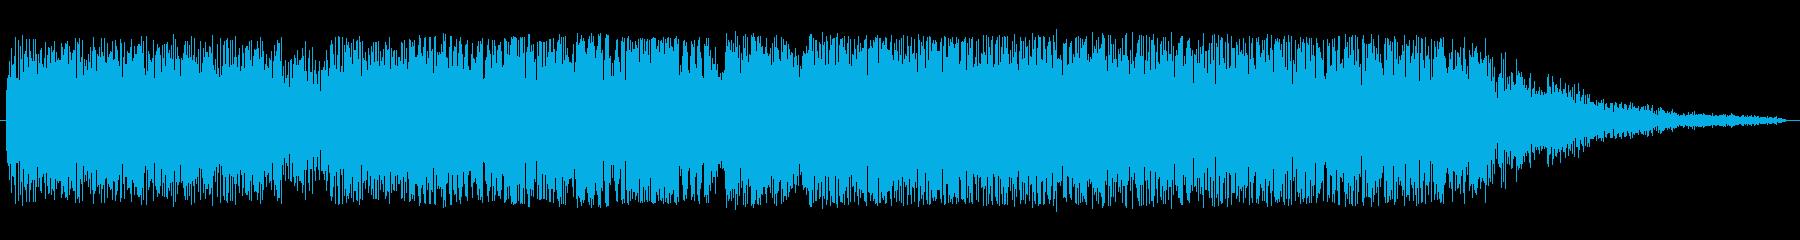 シンセサイザーのオープニング曲の再生済みの波形